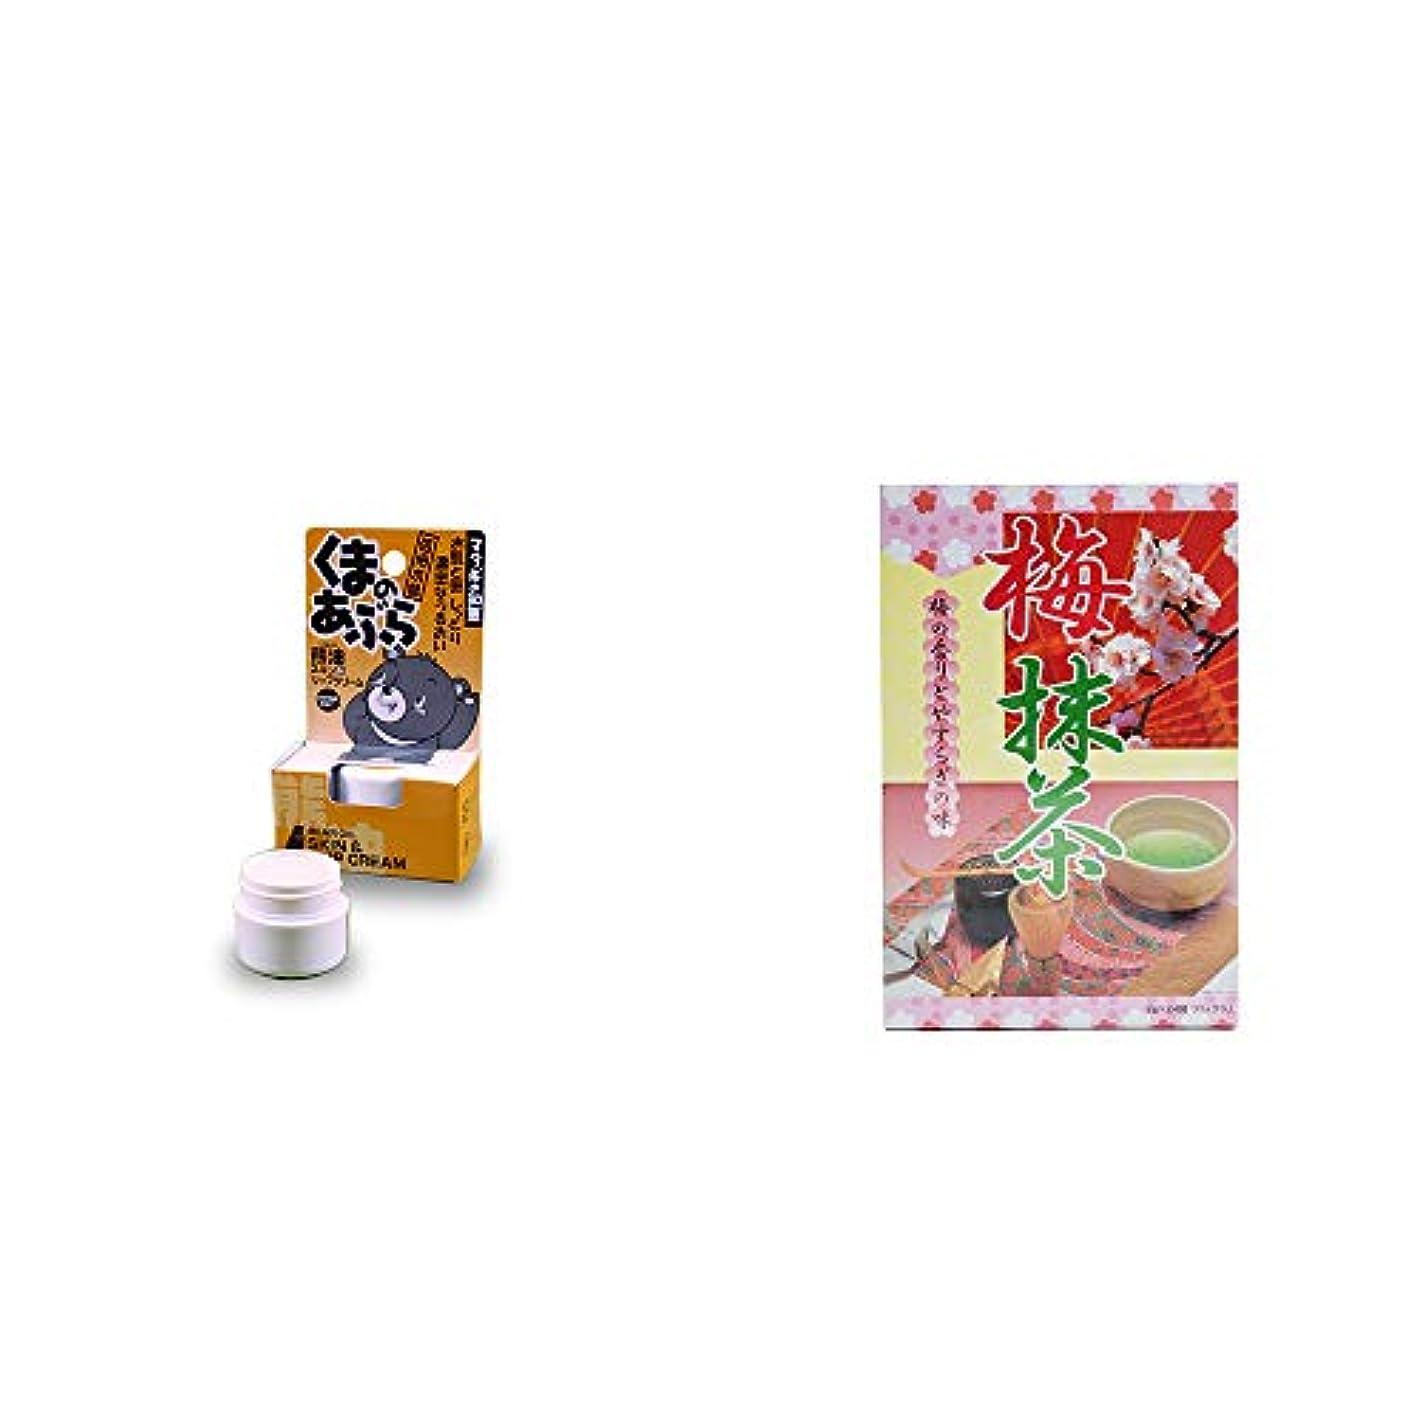 パラメータ例示するクレタ[2点セット] 信州木曽 くまのあぶら 熊油スキン&リップクリーム(9g)?梅抹茶[大](24袋)